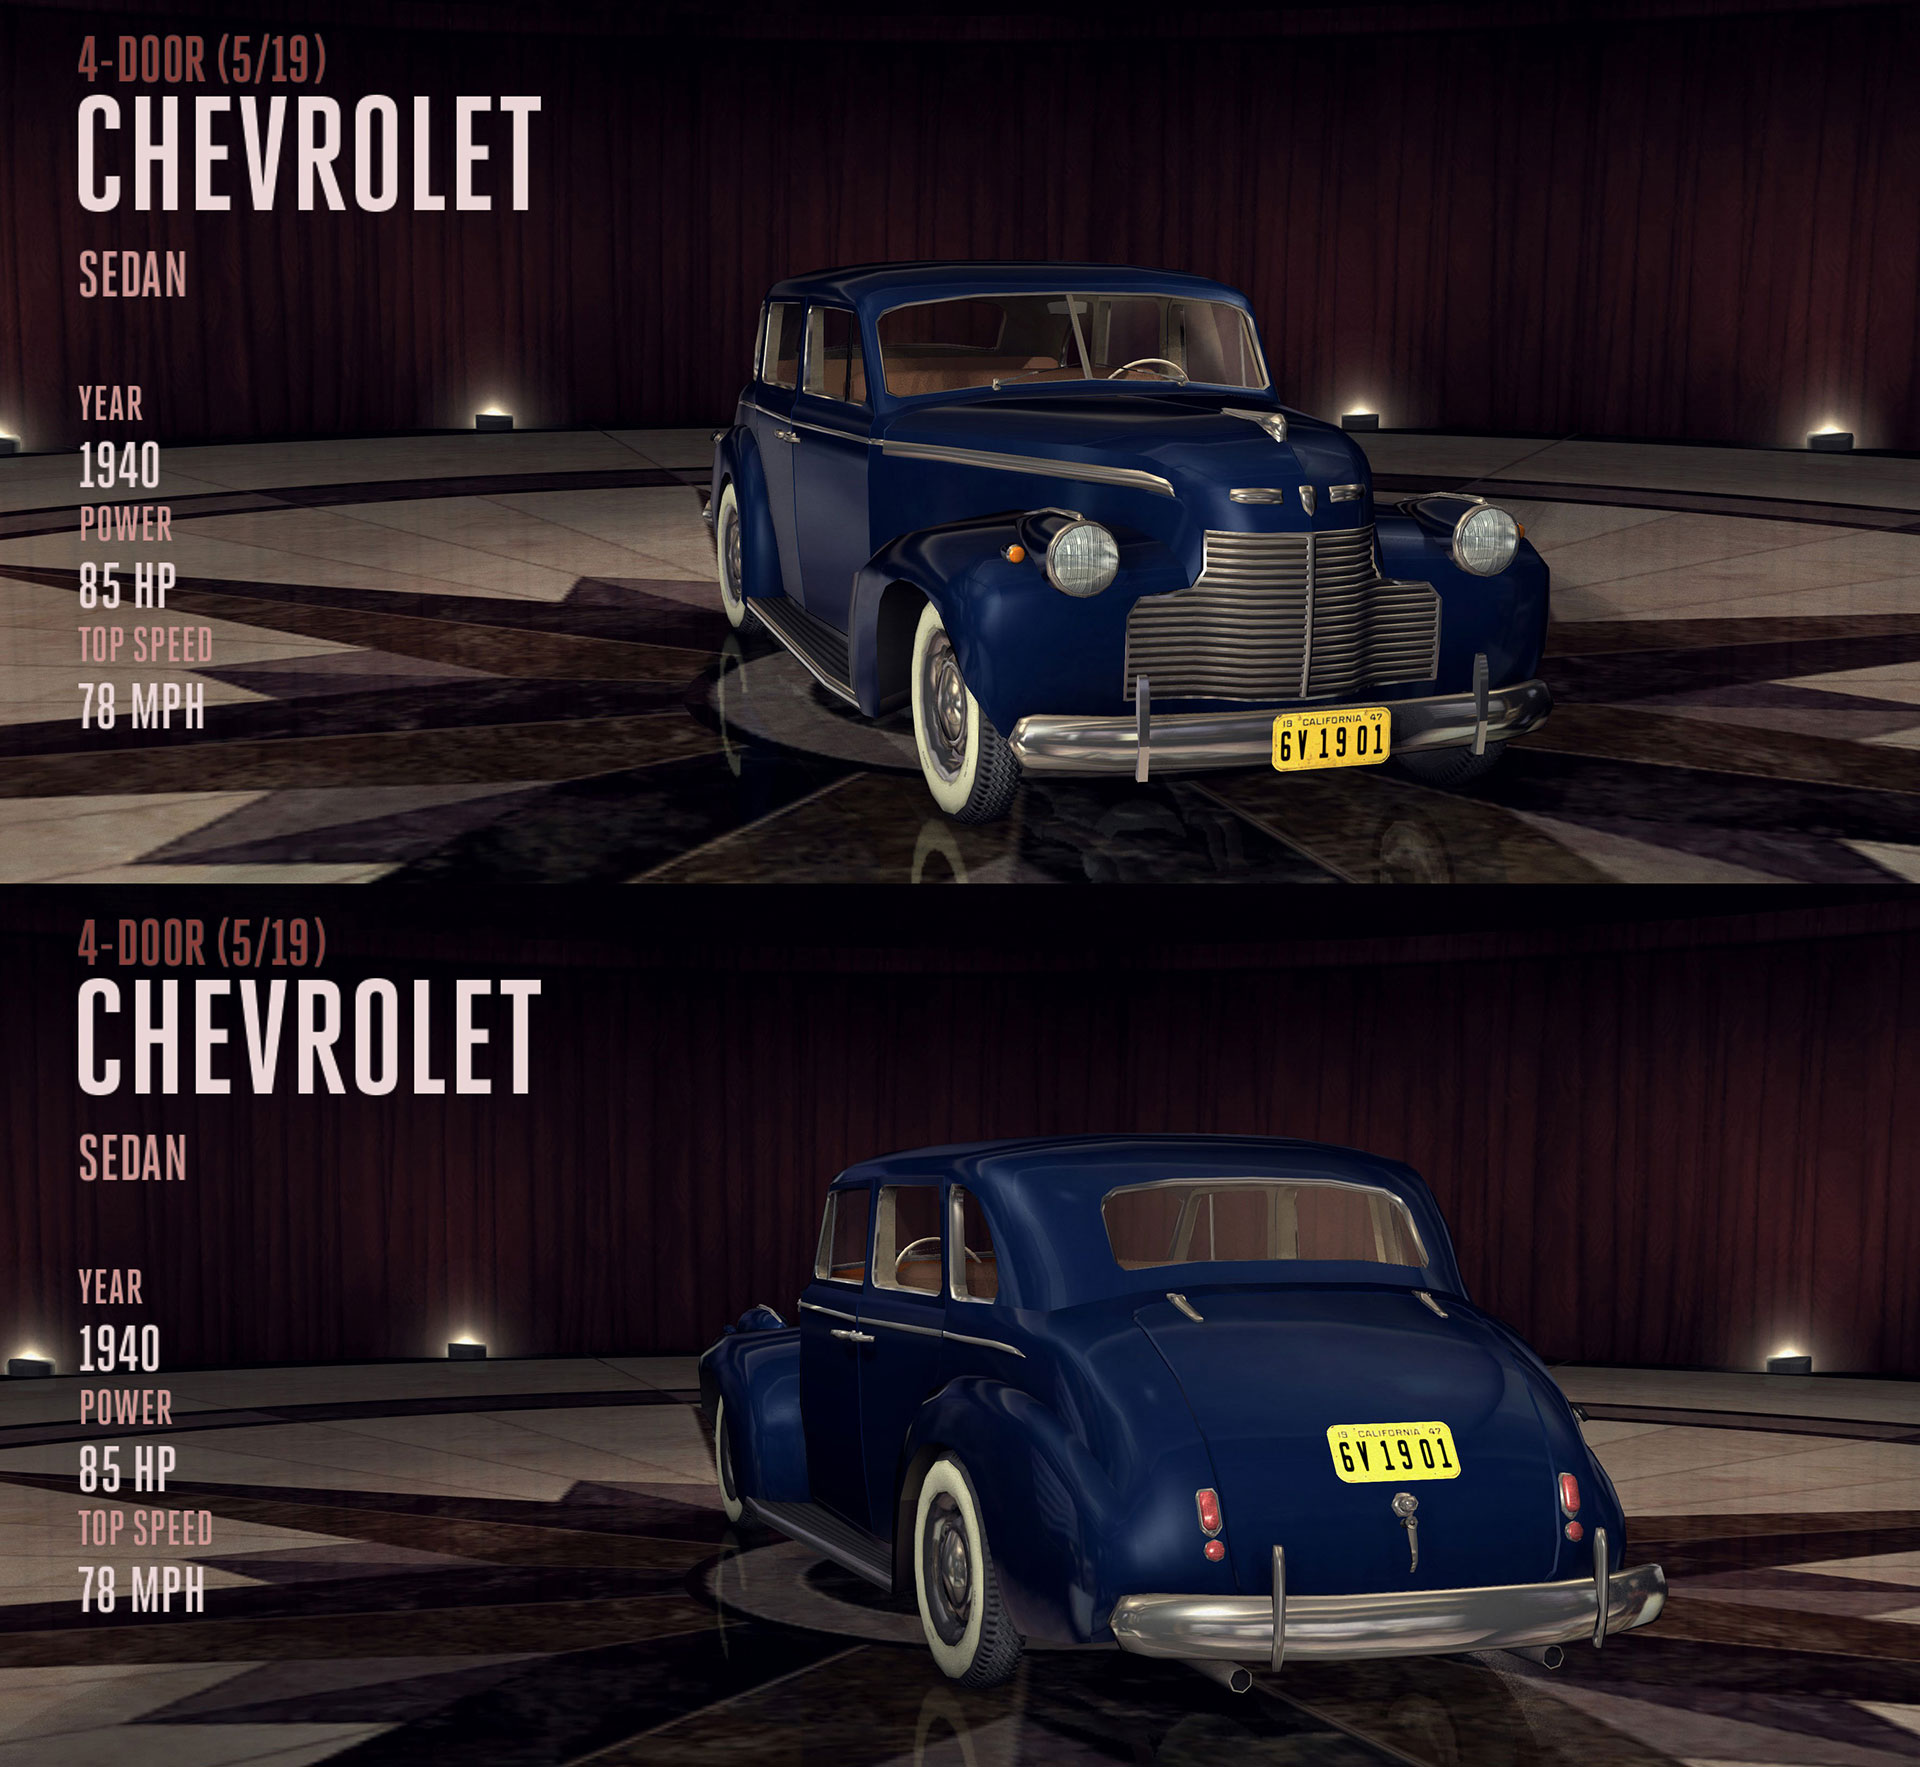 Archivo:1940-chevrolet-sedan.jpg